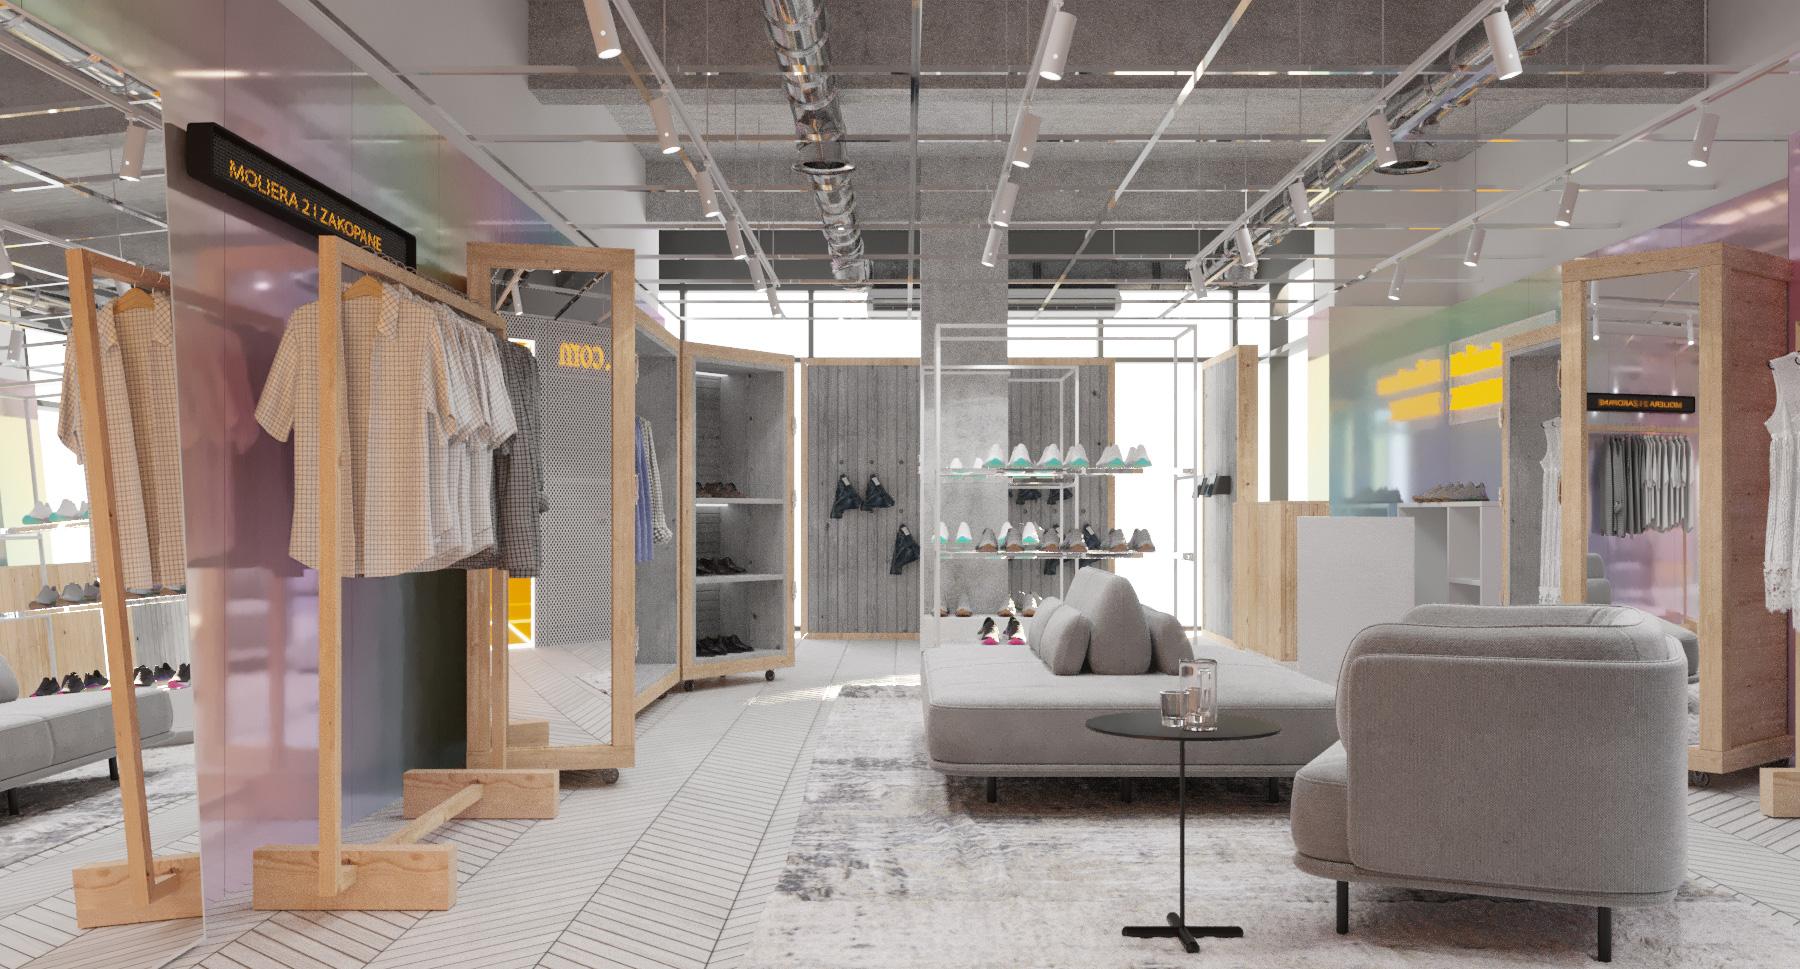 Salon Moliera2.com Zakopane